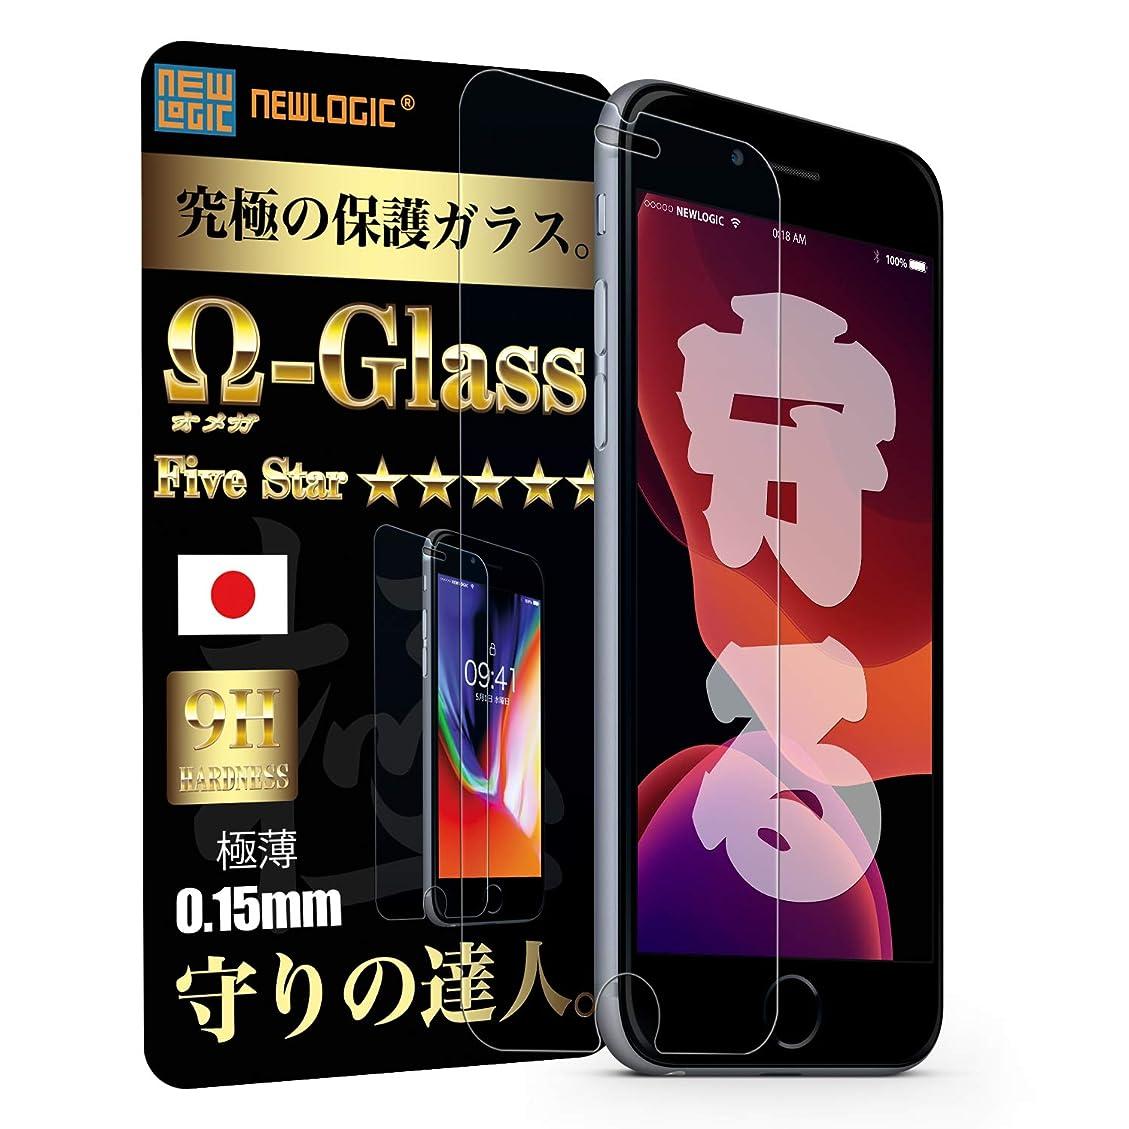 ヘア小麦良さiphone8 最新 強化ガラスフィルム iphone7 液晶保護フィルム iPhone6s iPhone6 対応 【極薄 わずか0.15mm】